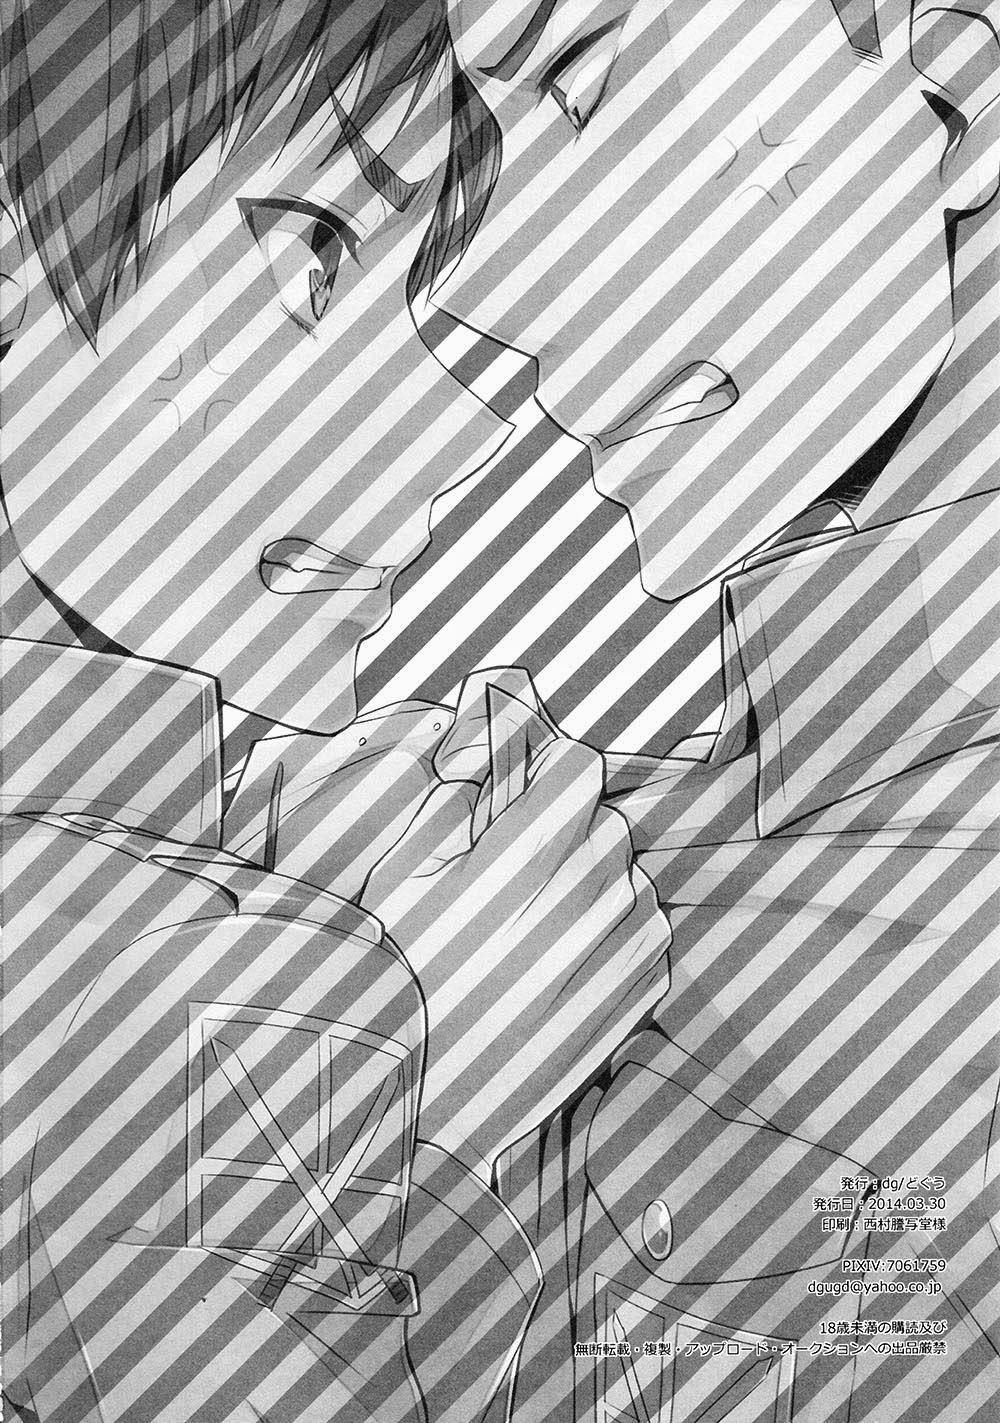 [dg (Doguu)] Ore-tachi Tsukiattemasun. - Kouhen – Shita – (Shingeki no Kyojin) [English] [Moy Moe Scanlations] 32